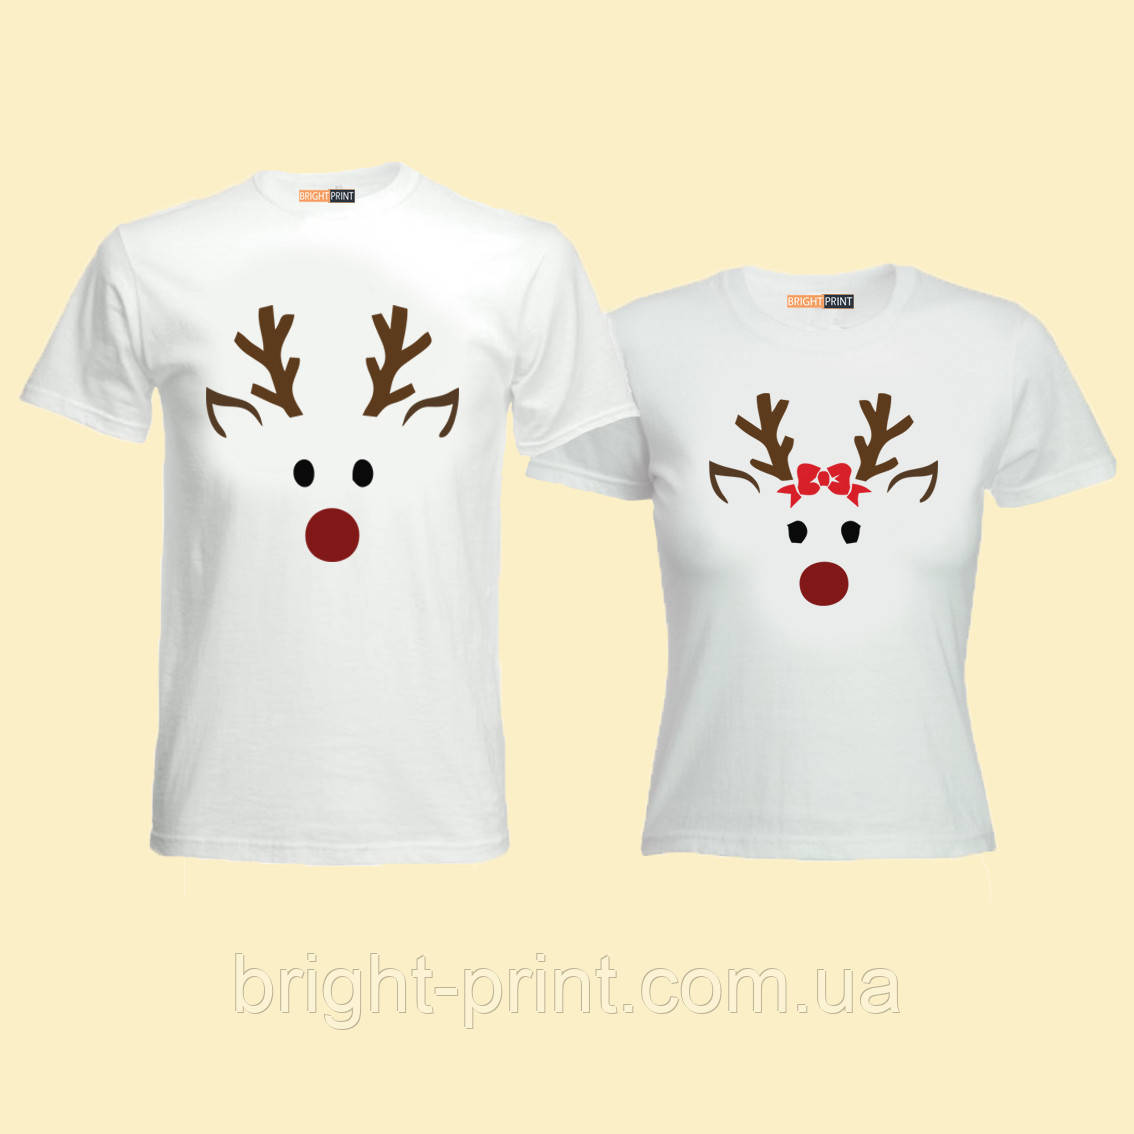 """Парний набір футболок """"Пара оленів"""""""